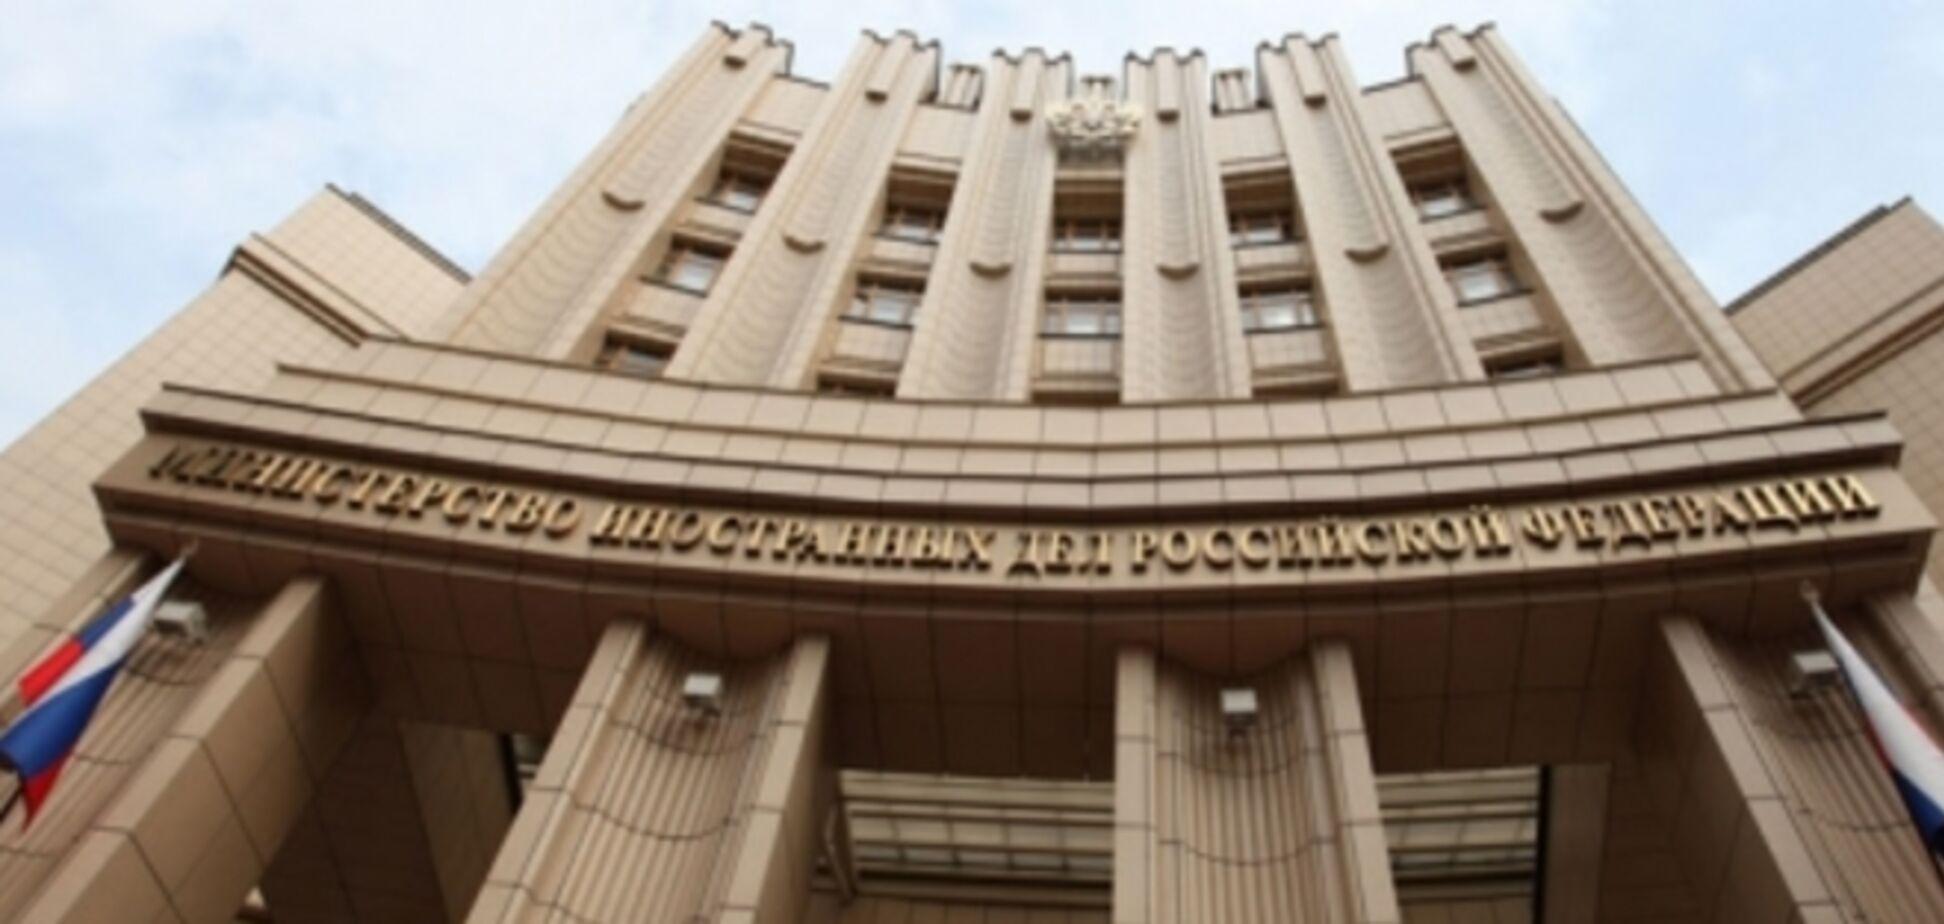 Твиттер–батл: МИД России удивило соцсети нелепыми попытками потроллить Климкина